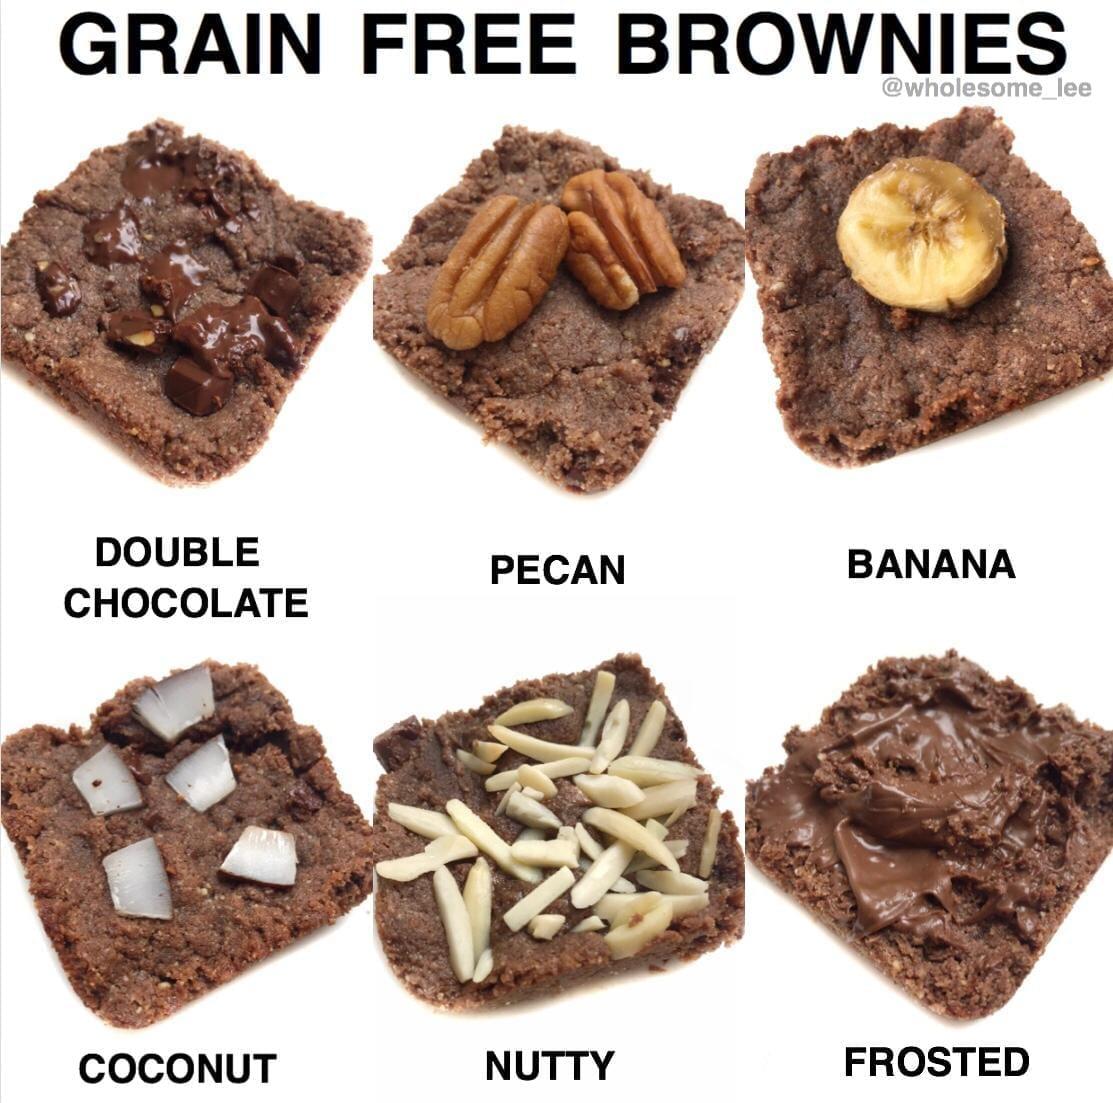 Grain Free Brownies